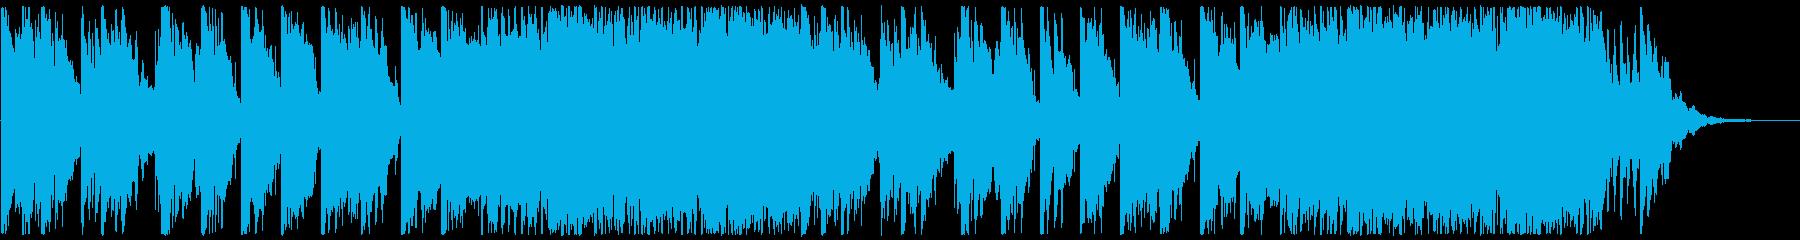 物悲しい3拍子曲 魔法 異世界 精霊02の再生済みの波形